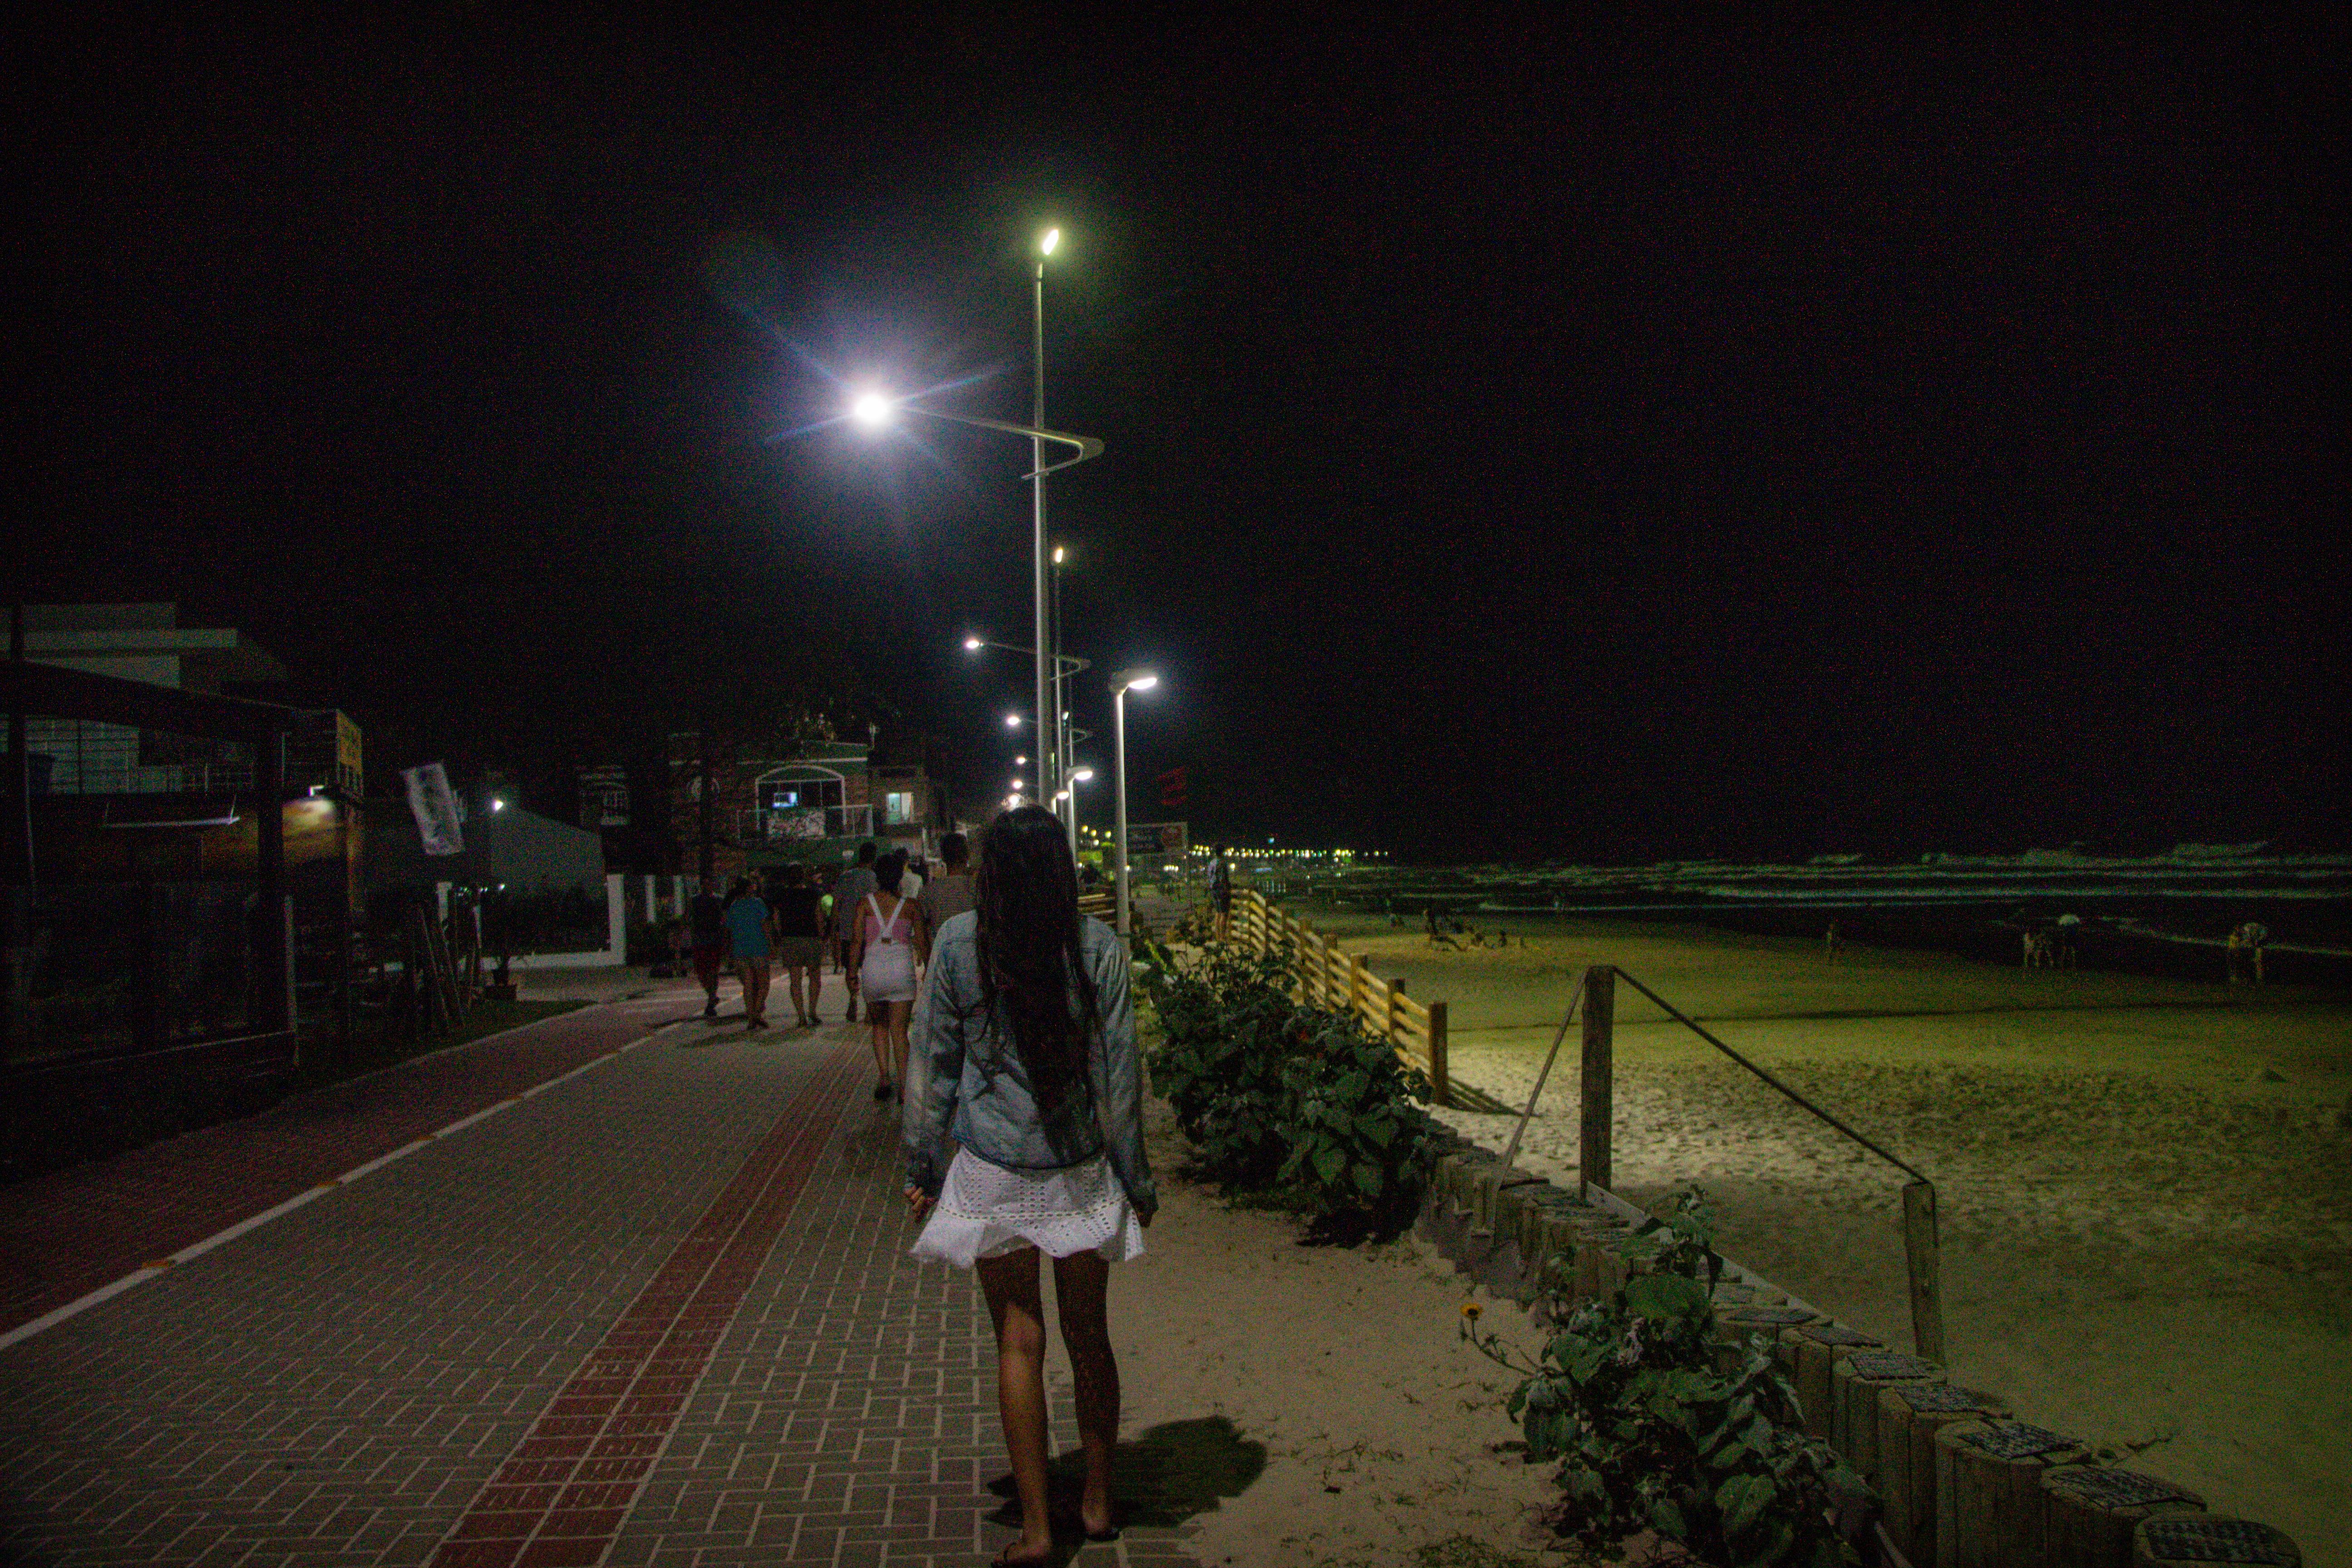 Calçadão da praia de Bombas